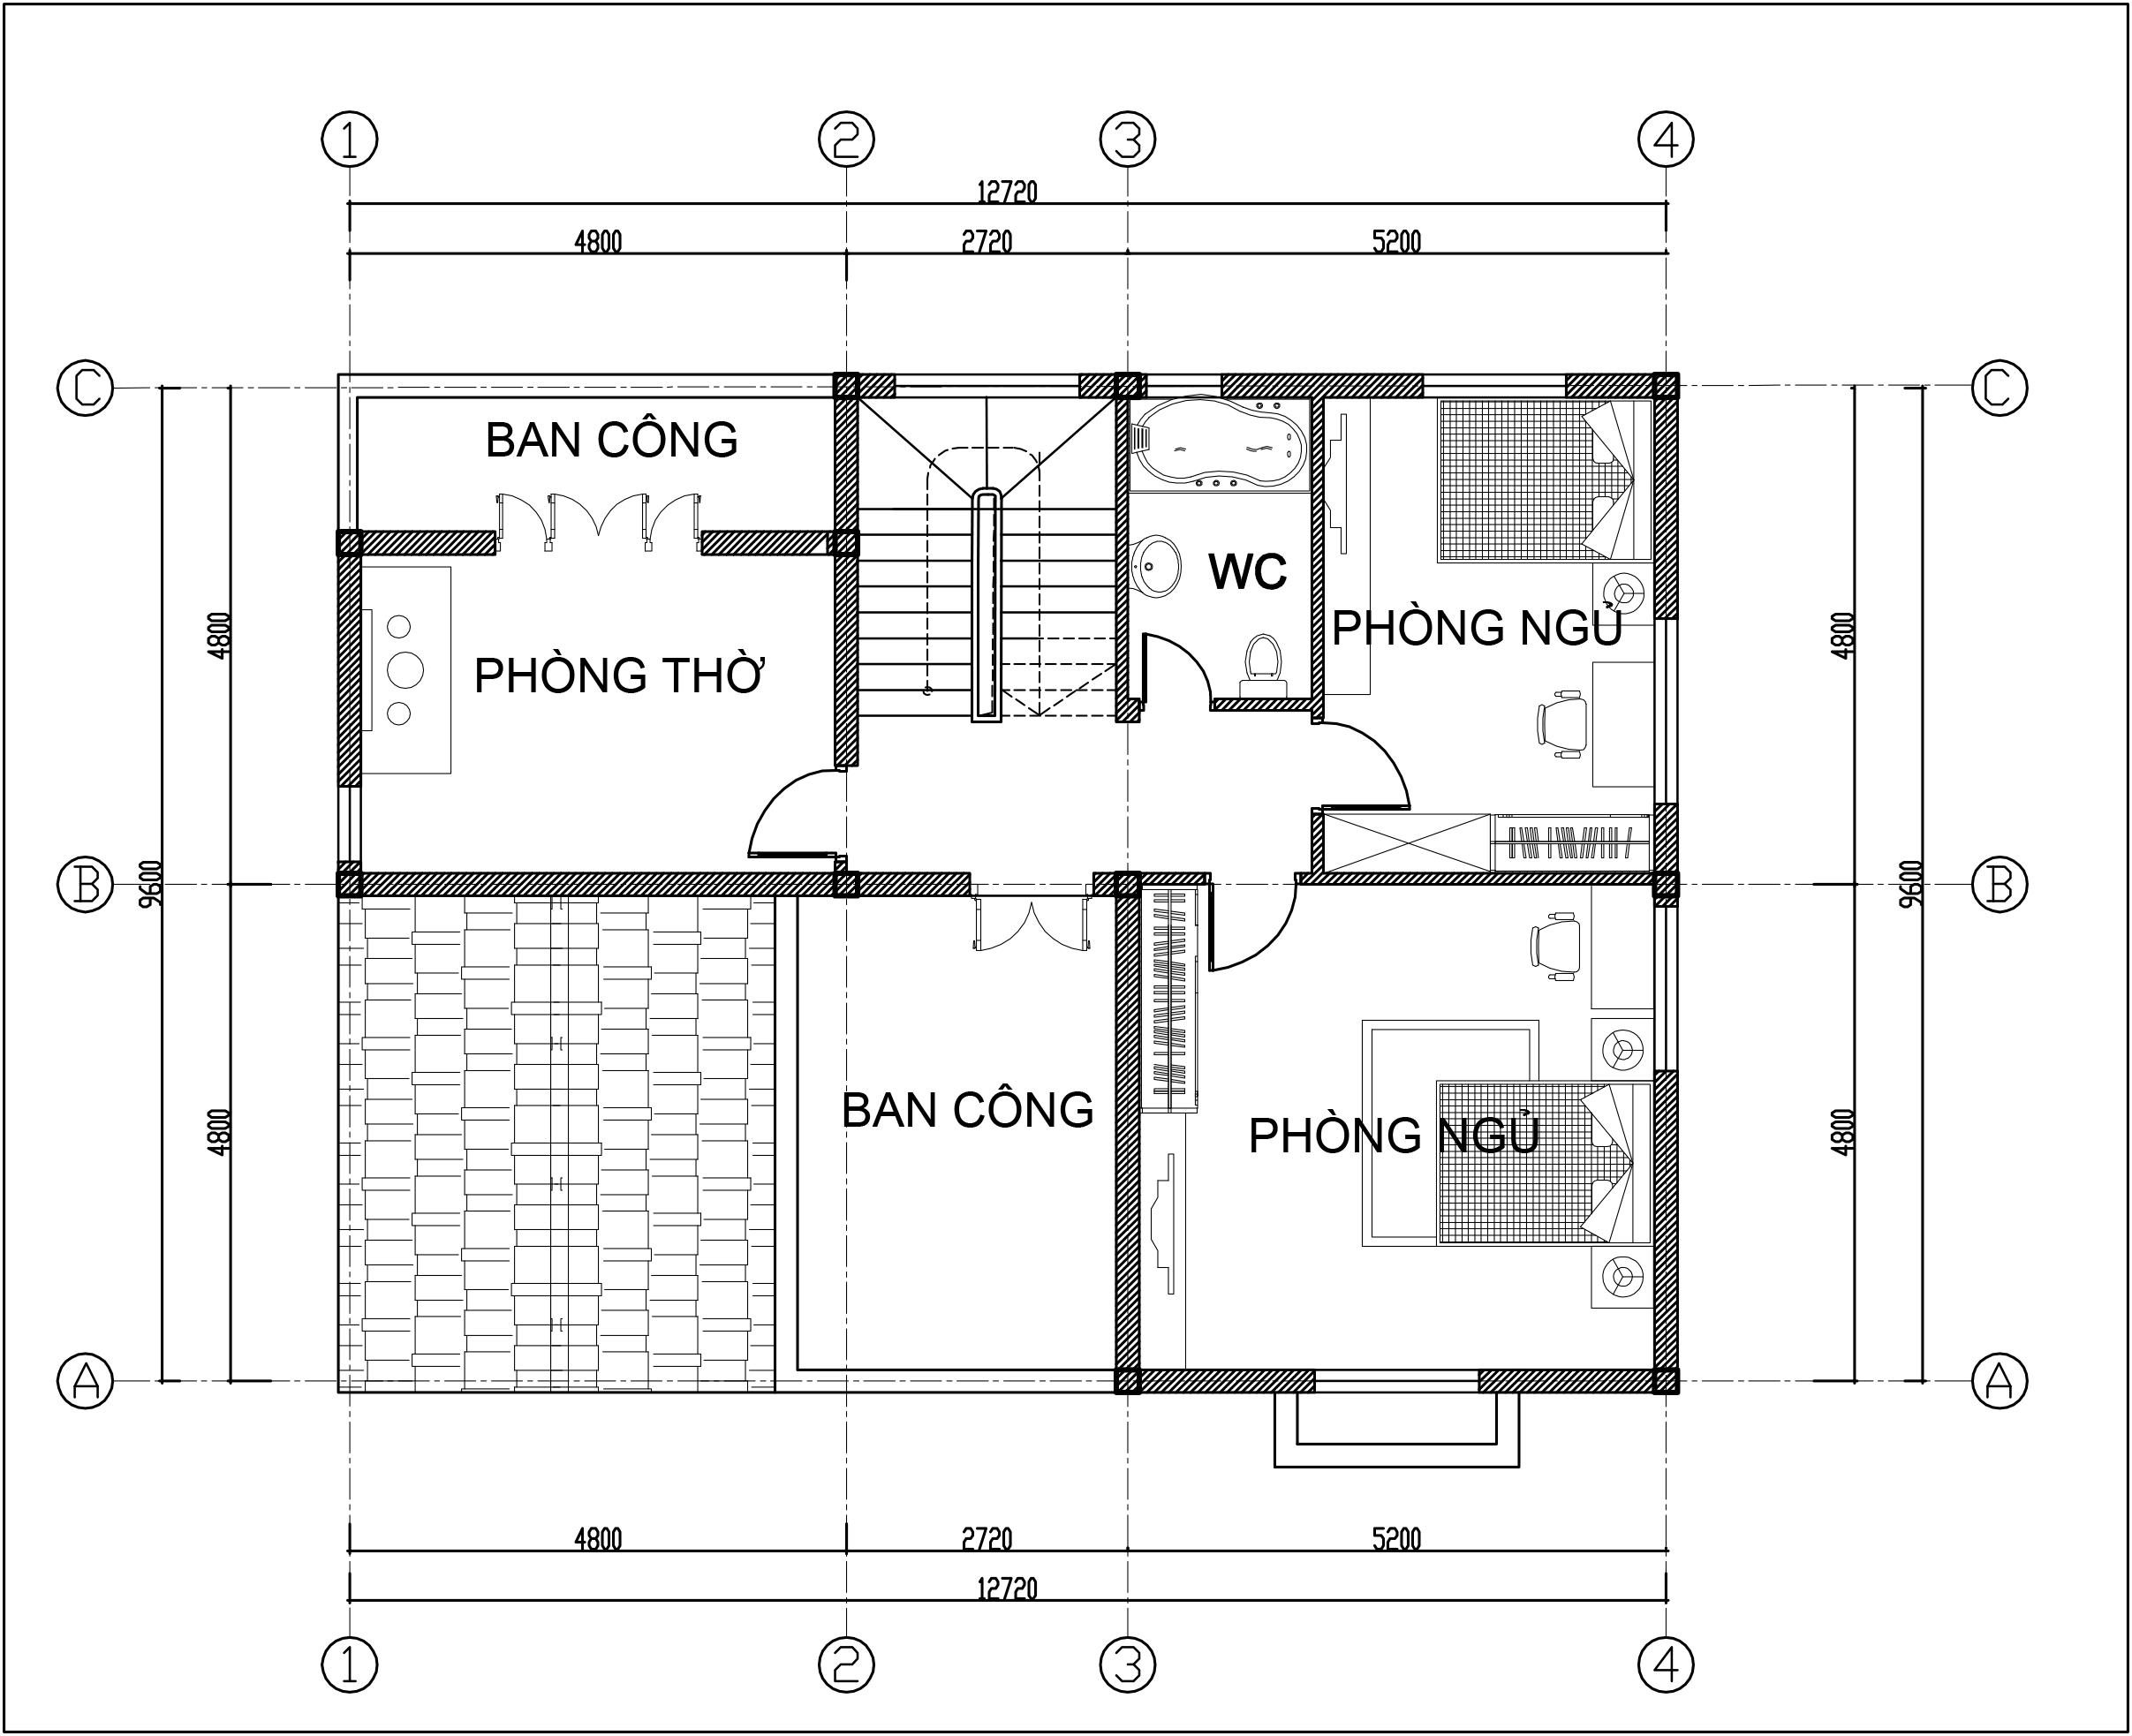 Mặt bằng tầng 2 - Biệt thự tân cổ điển 2 tầng 12,7x9,6m đẹp sang trọng